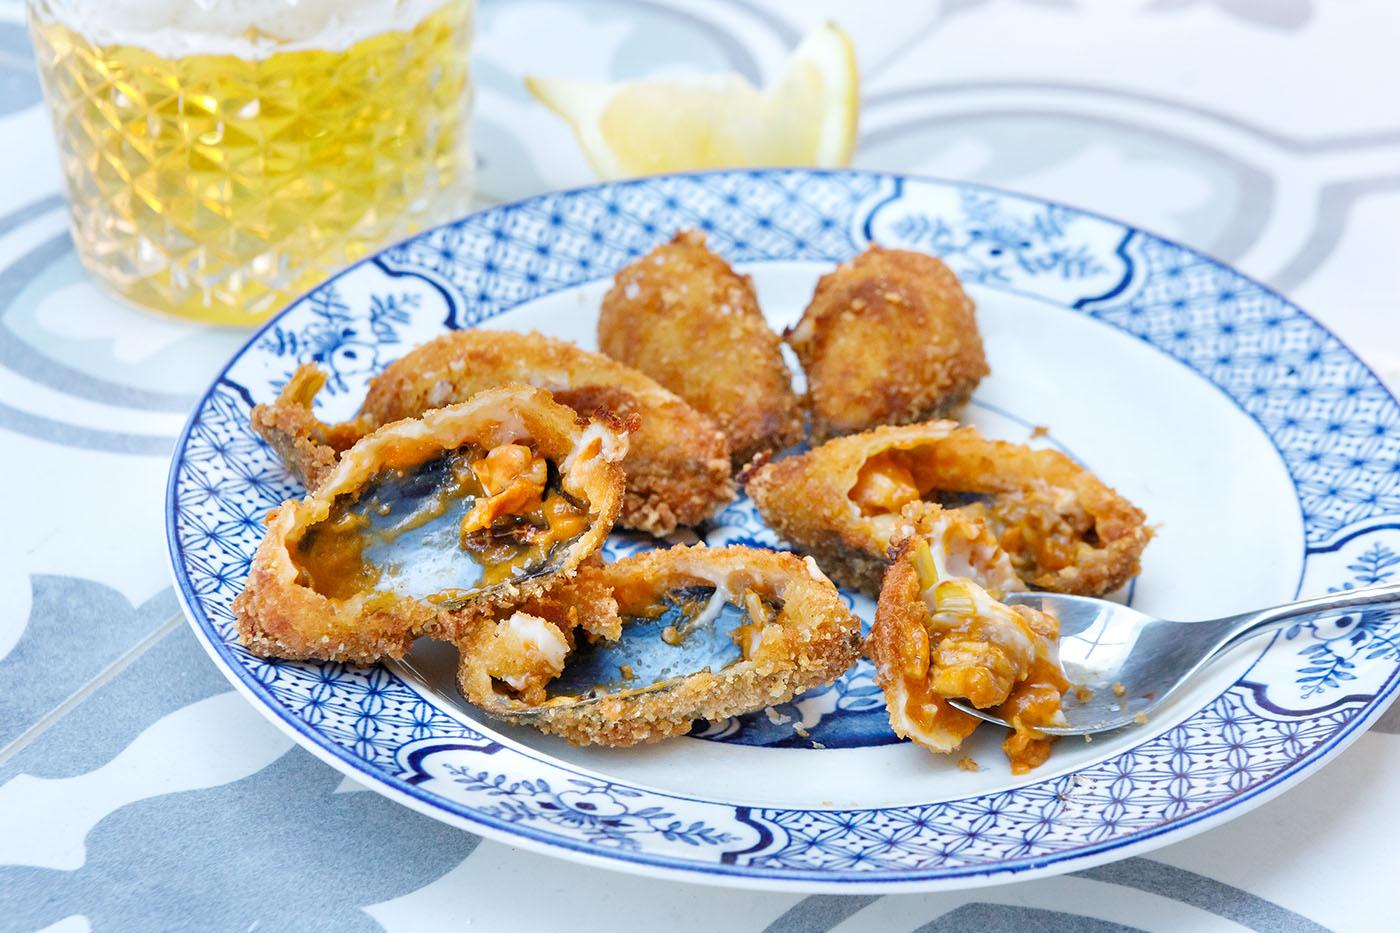 Tigres Stuffed Mussels